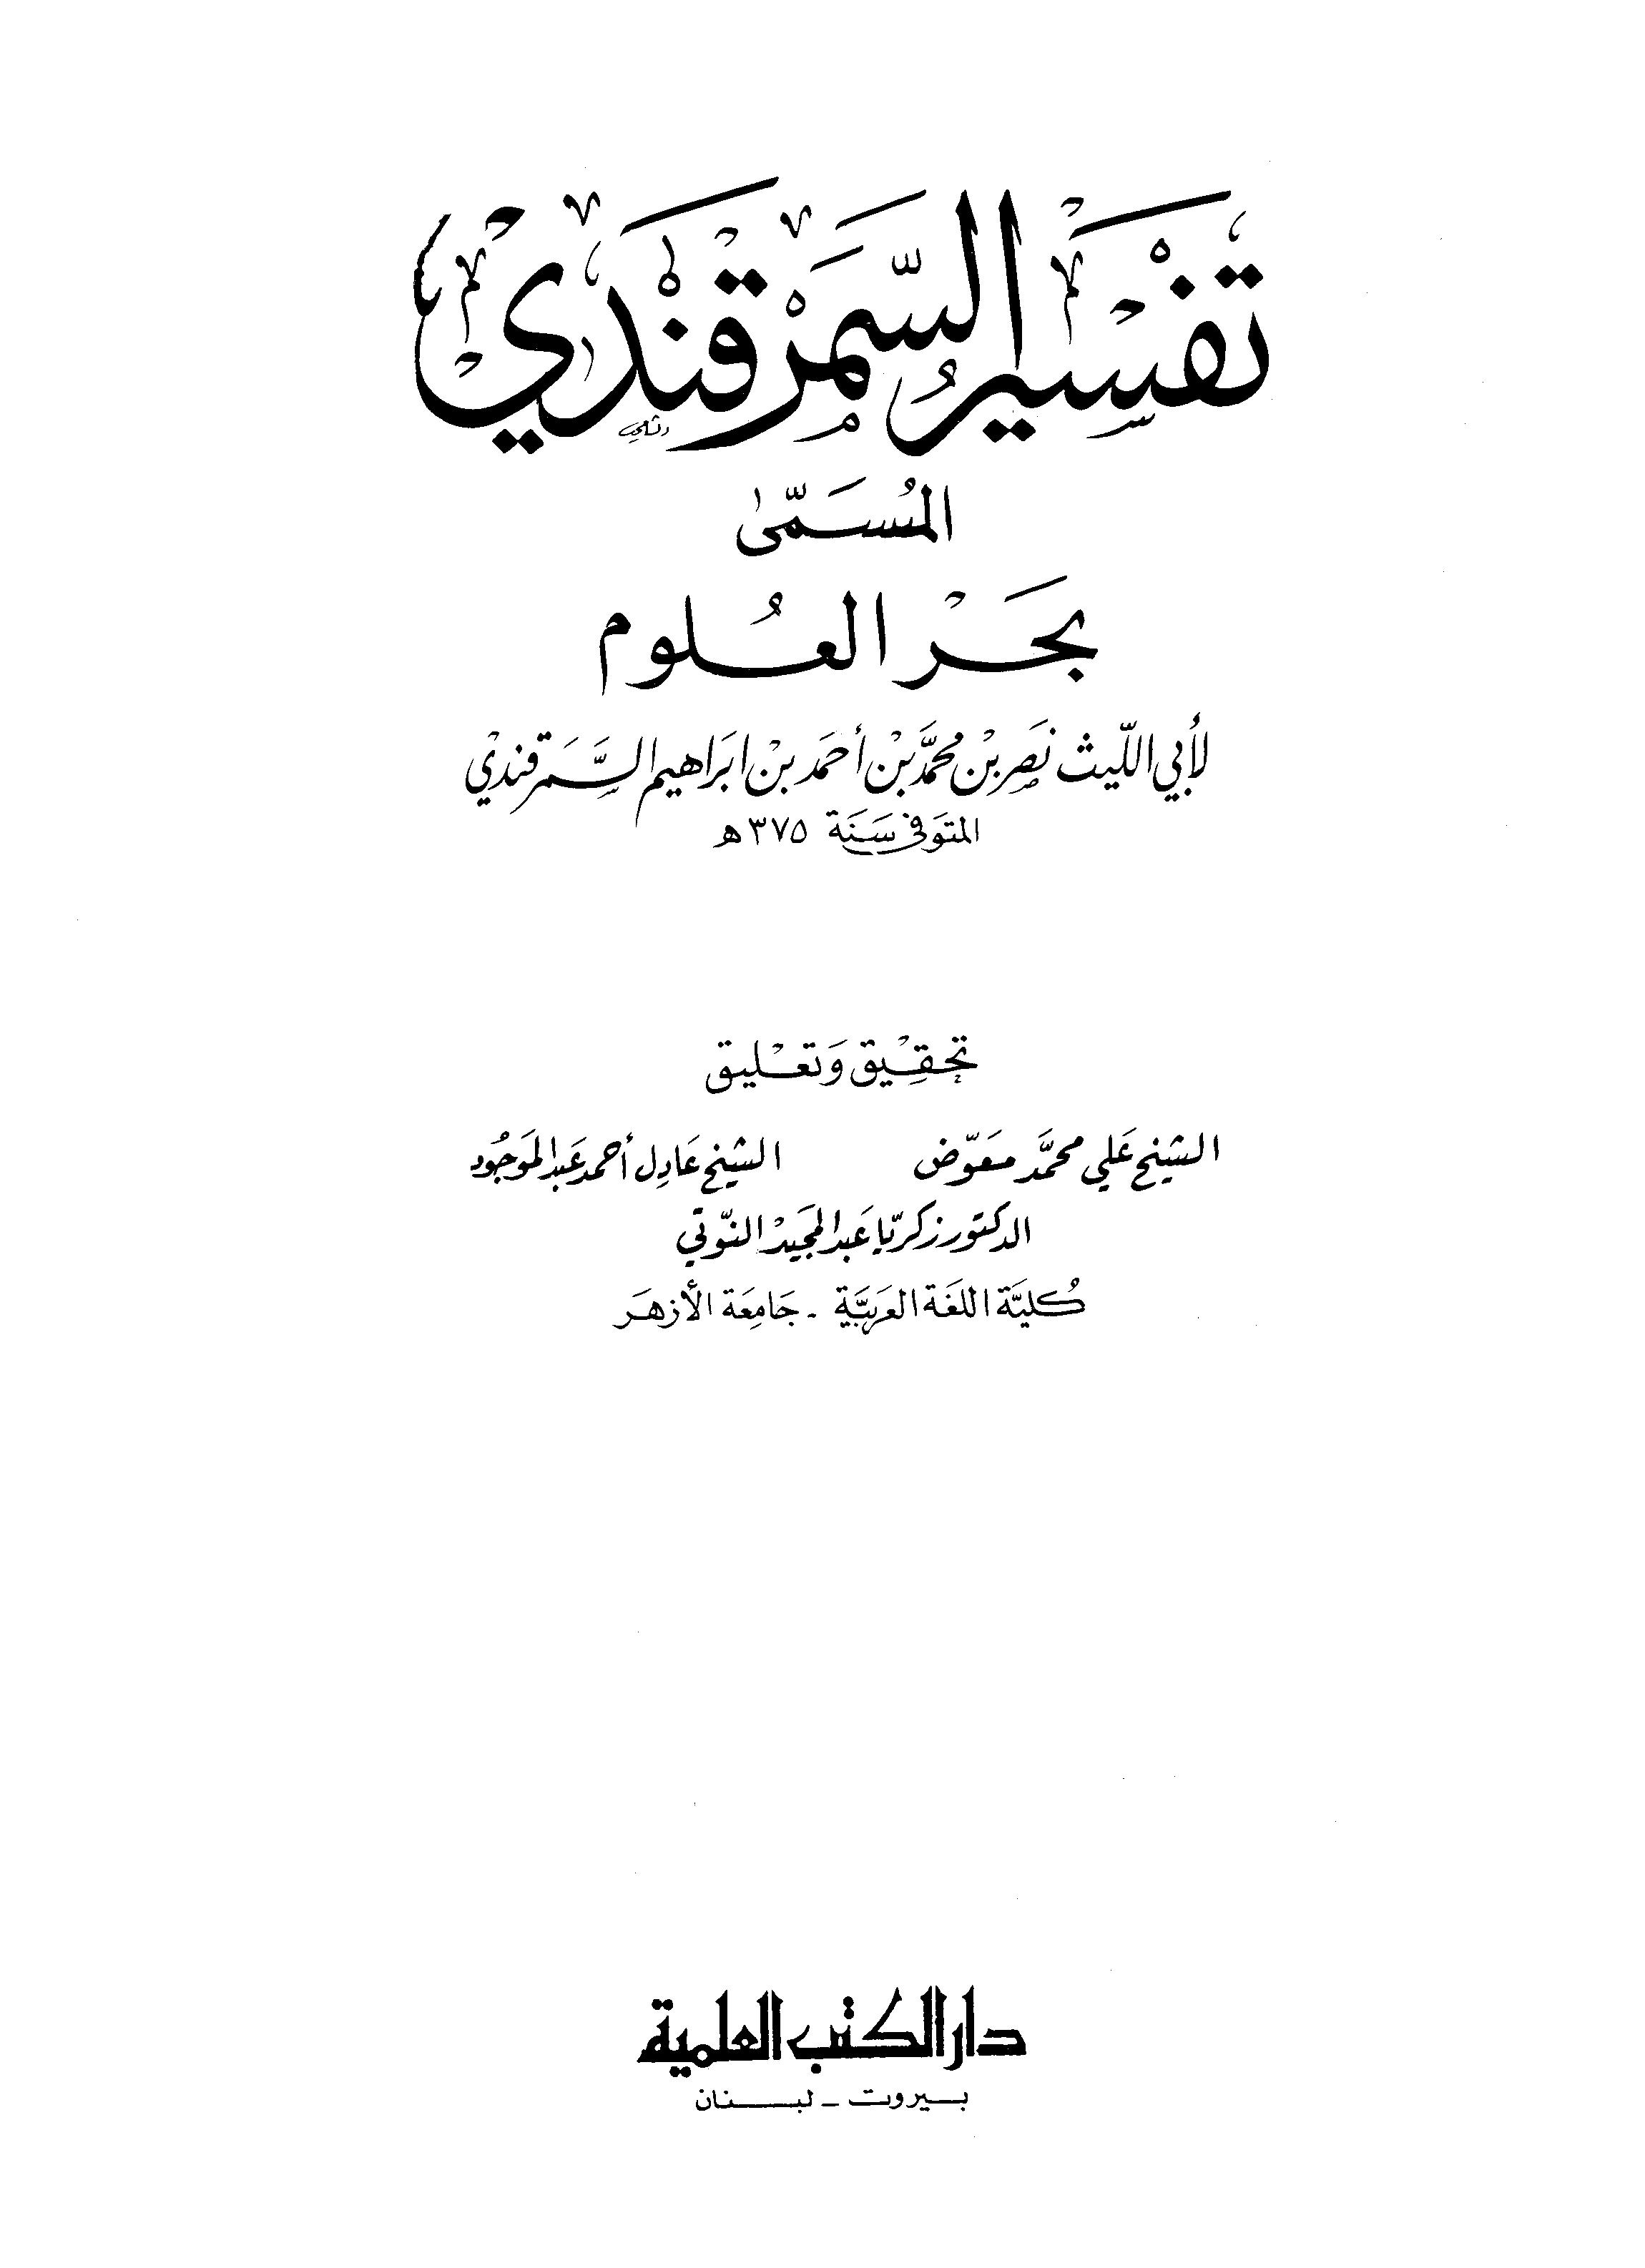 تحميل كتاب تفسير السمرقندي المسمى «بحر العلوم» لـِ: الإمام أبو الليث نصر بن محمد بن أحمد بن إبراهيم السمرقندي (ت 373)